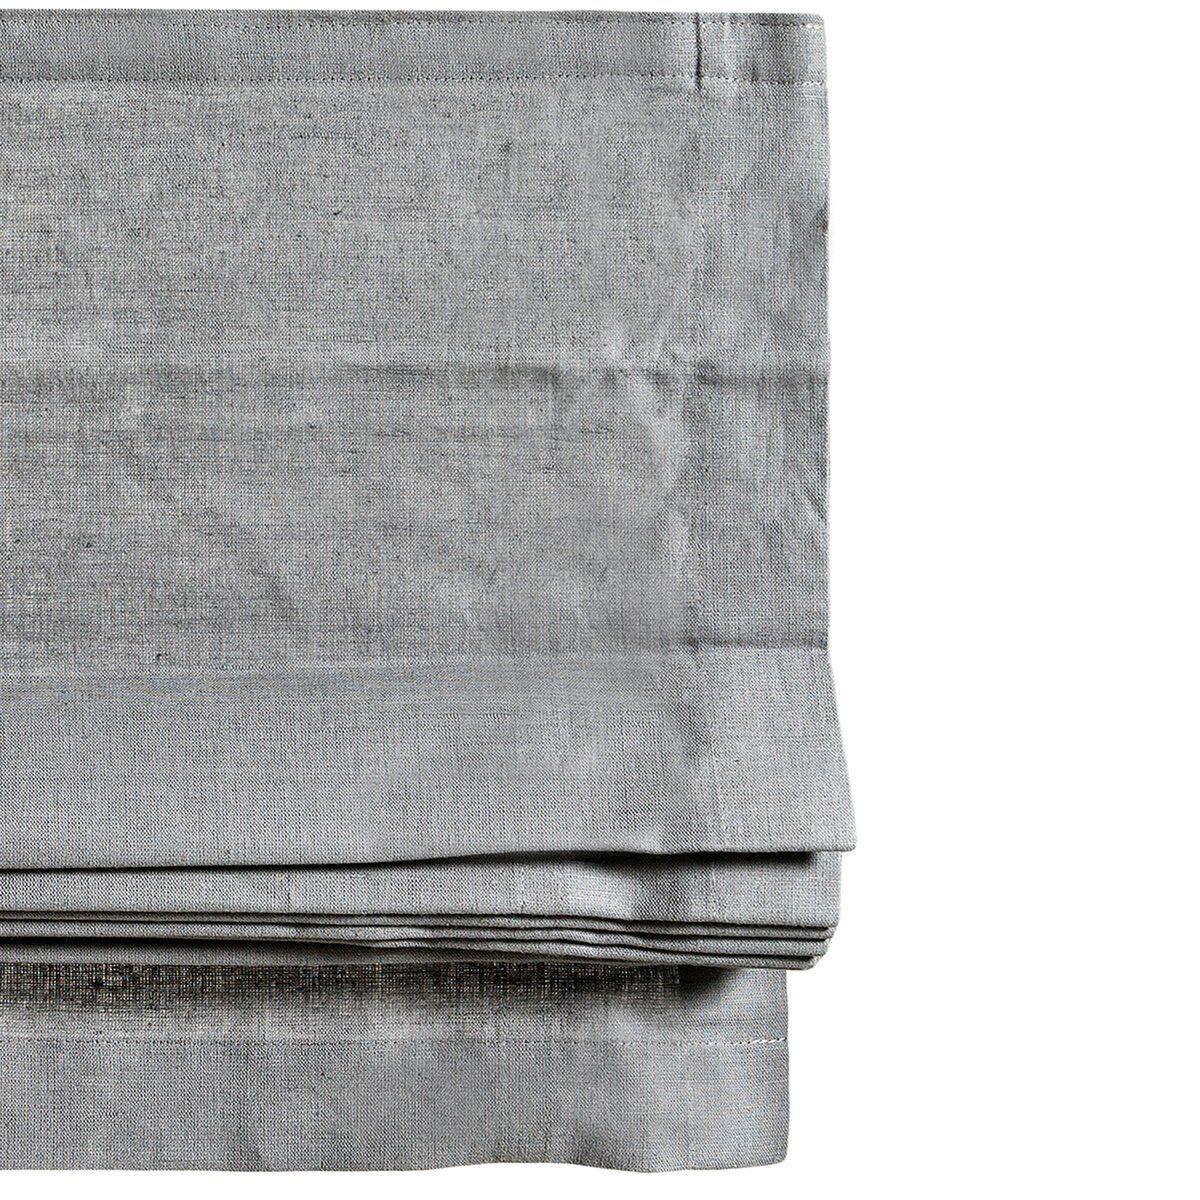 Himla Ebba liftgardin 110x180 cm Pencil (grå)